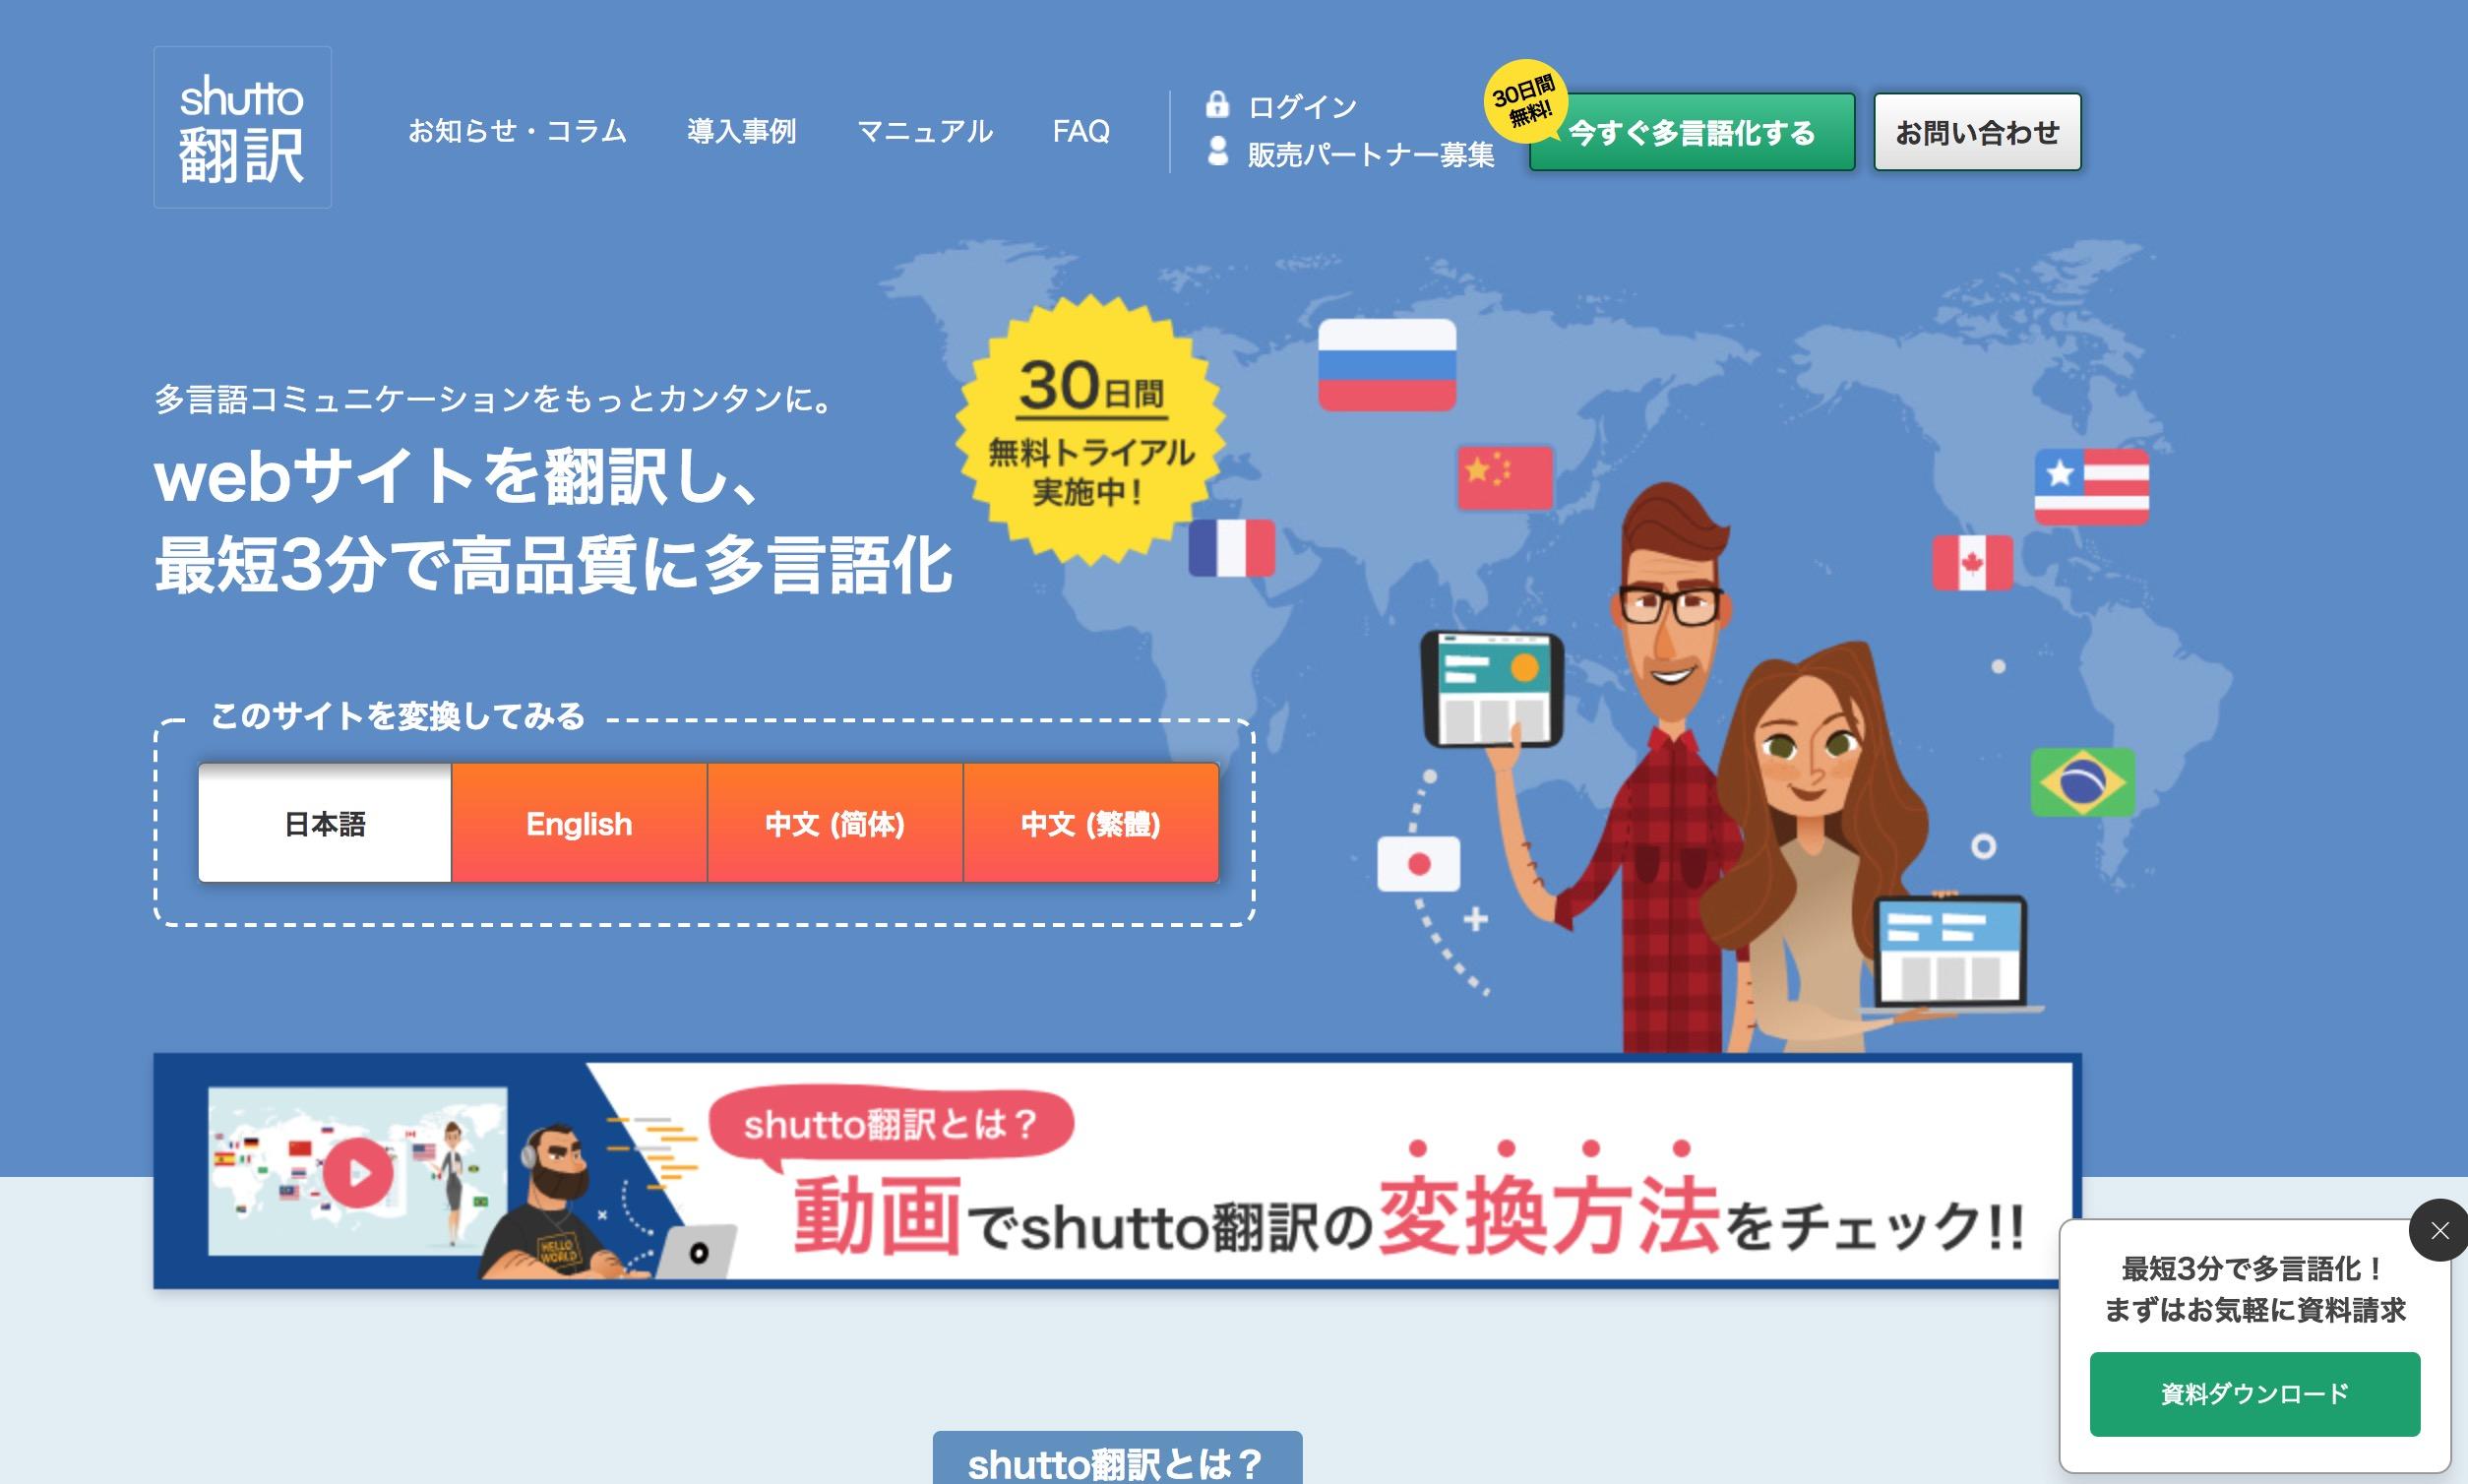 shutto翻訳のスクリーンショット